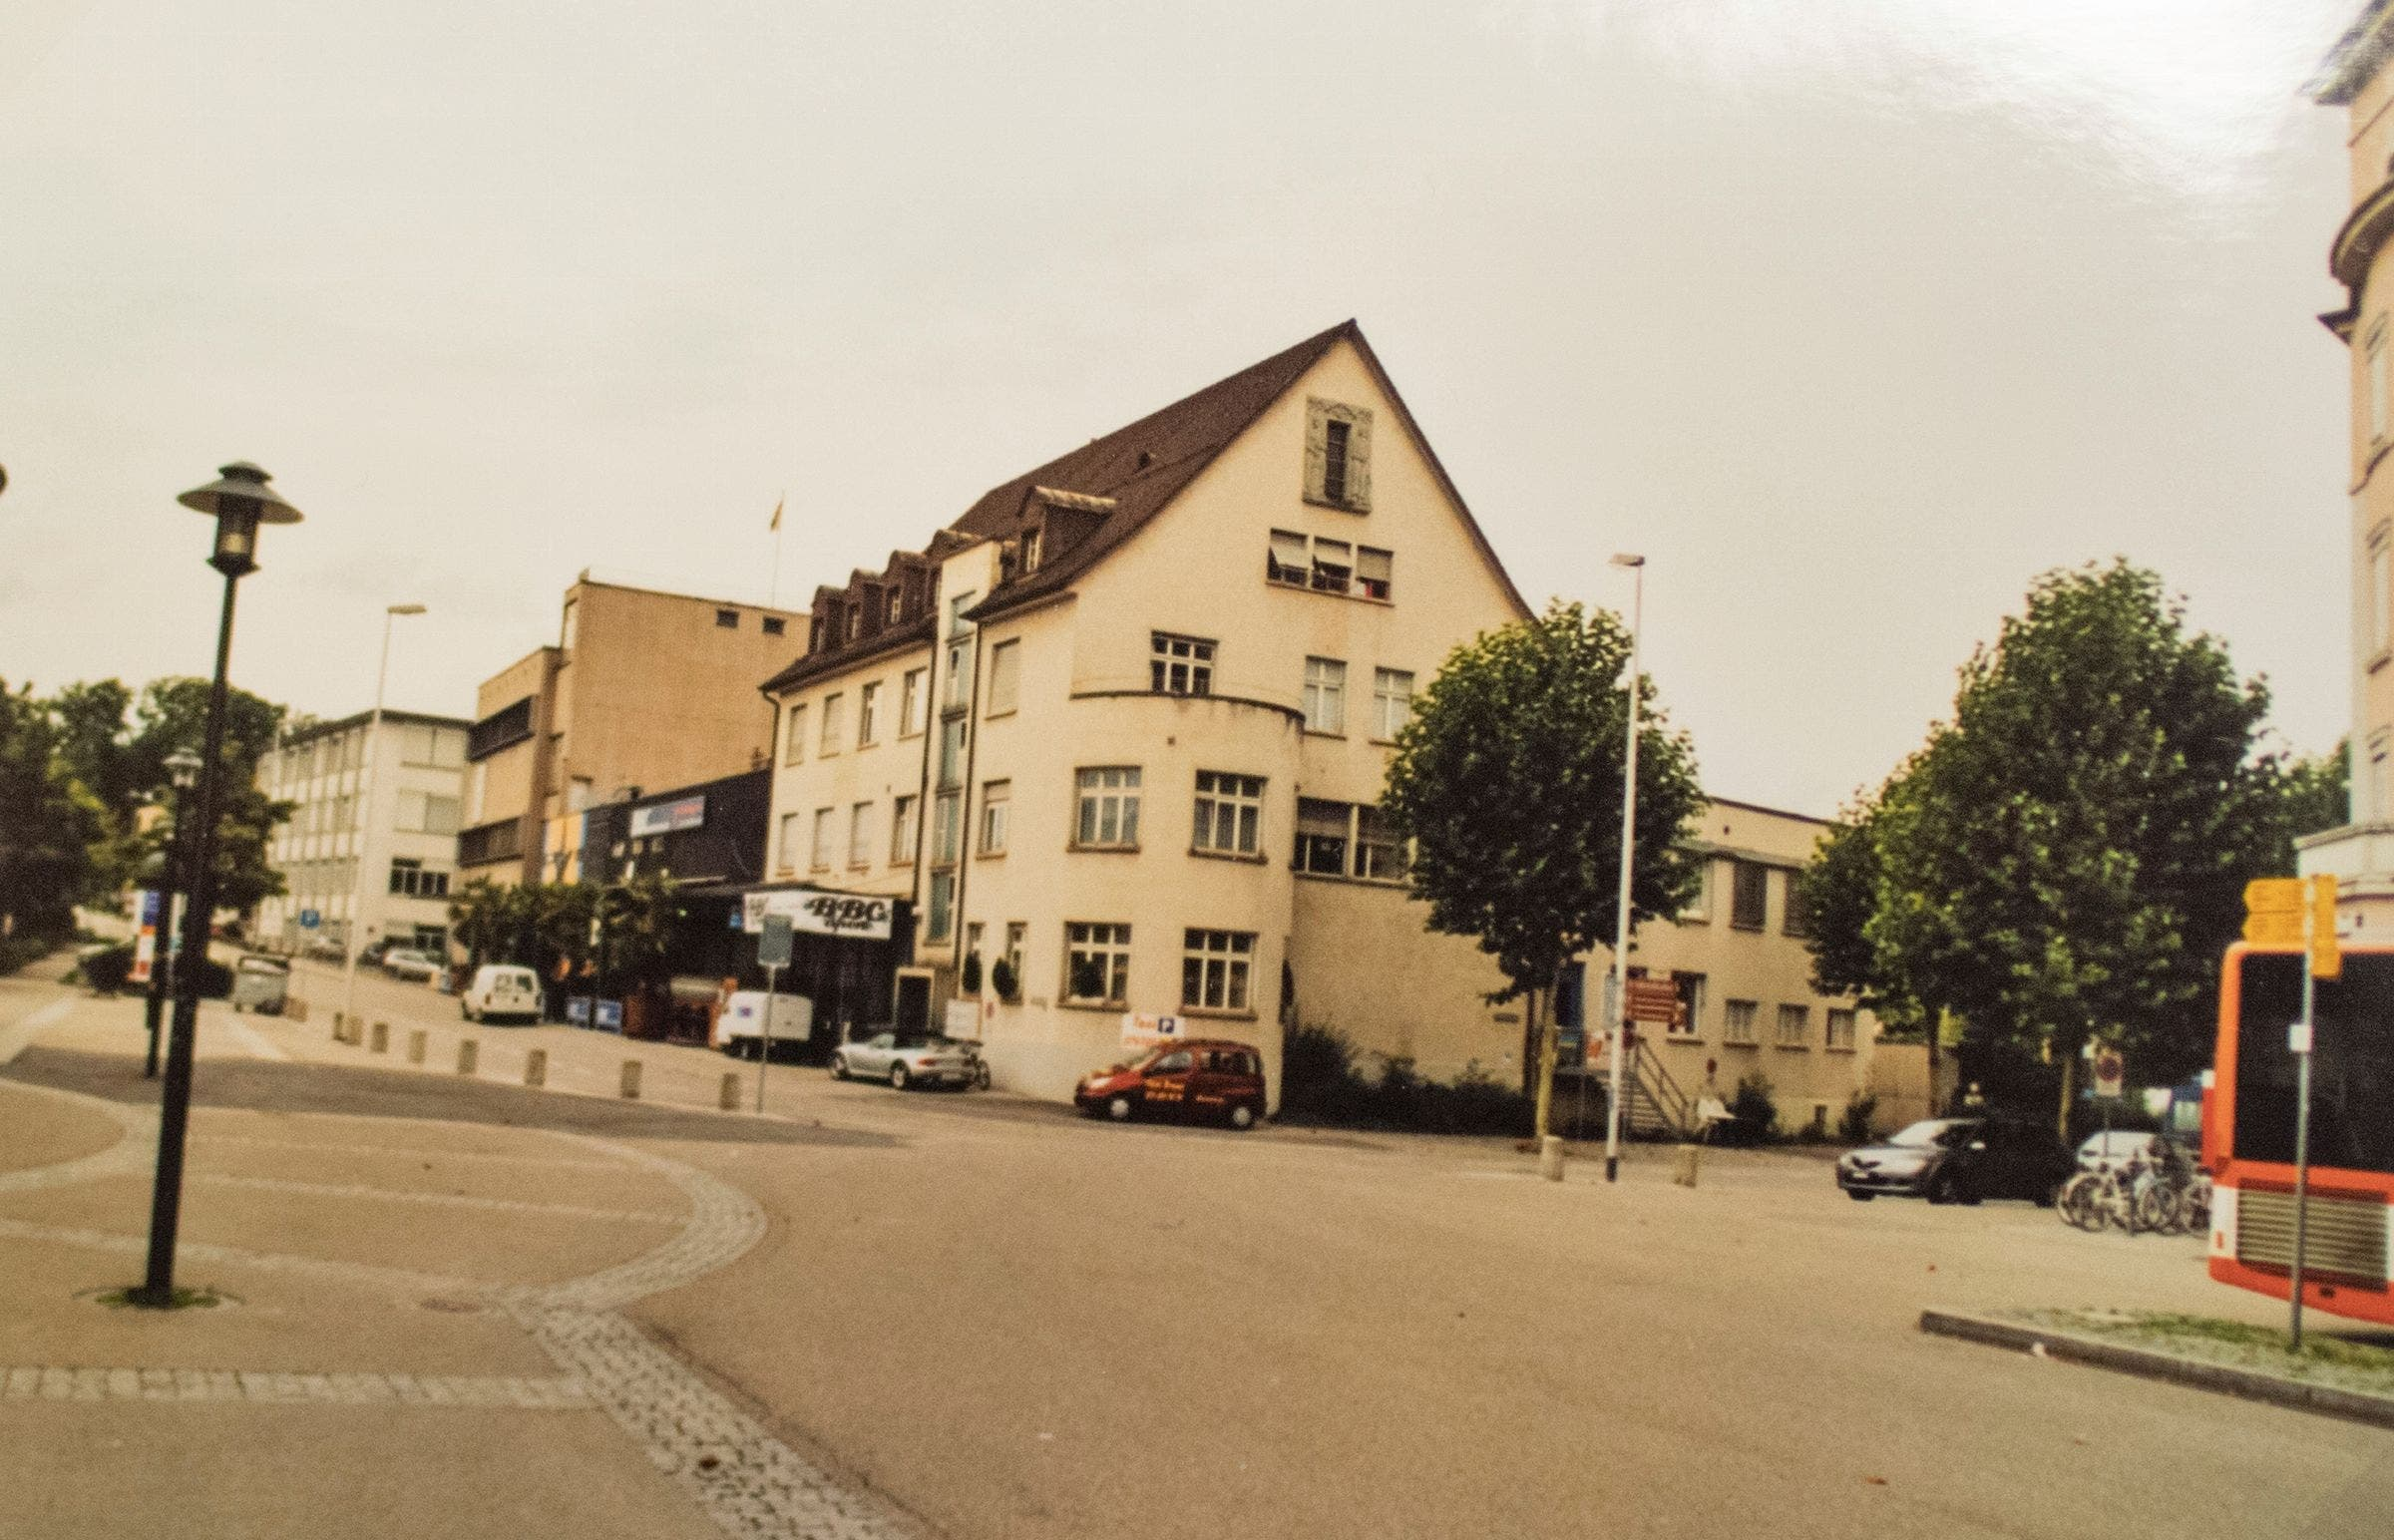 Perfektionist Hans Bösch achtet bei seinen Vorher-Nachher-Aufnahmen von Bauwerken auf jedes Detail. Vorher: Die Butterzentrale am Gossauer Bahnhof zeugte von der Wichtigkeit der Milchwirtschaft in Gossau. Nachher: 2009 wurde an der Stelle der Butterzentrale die Überbauung Perron 3 eröffnet.